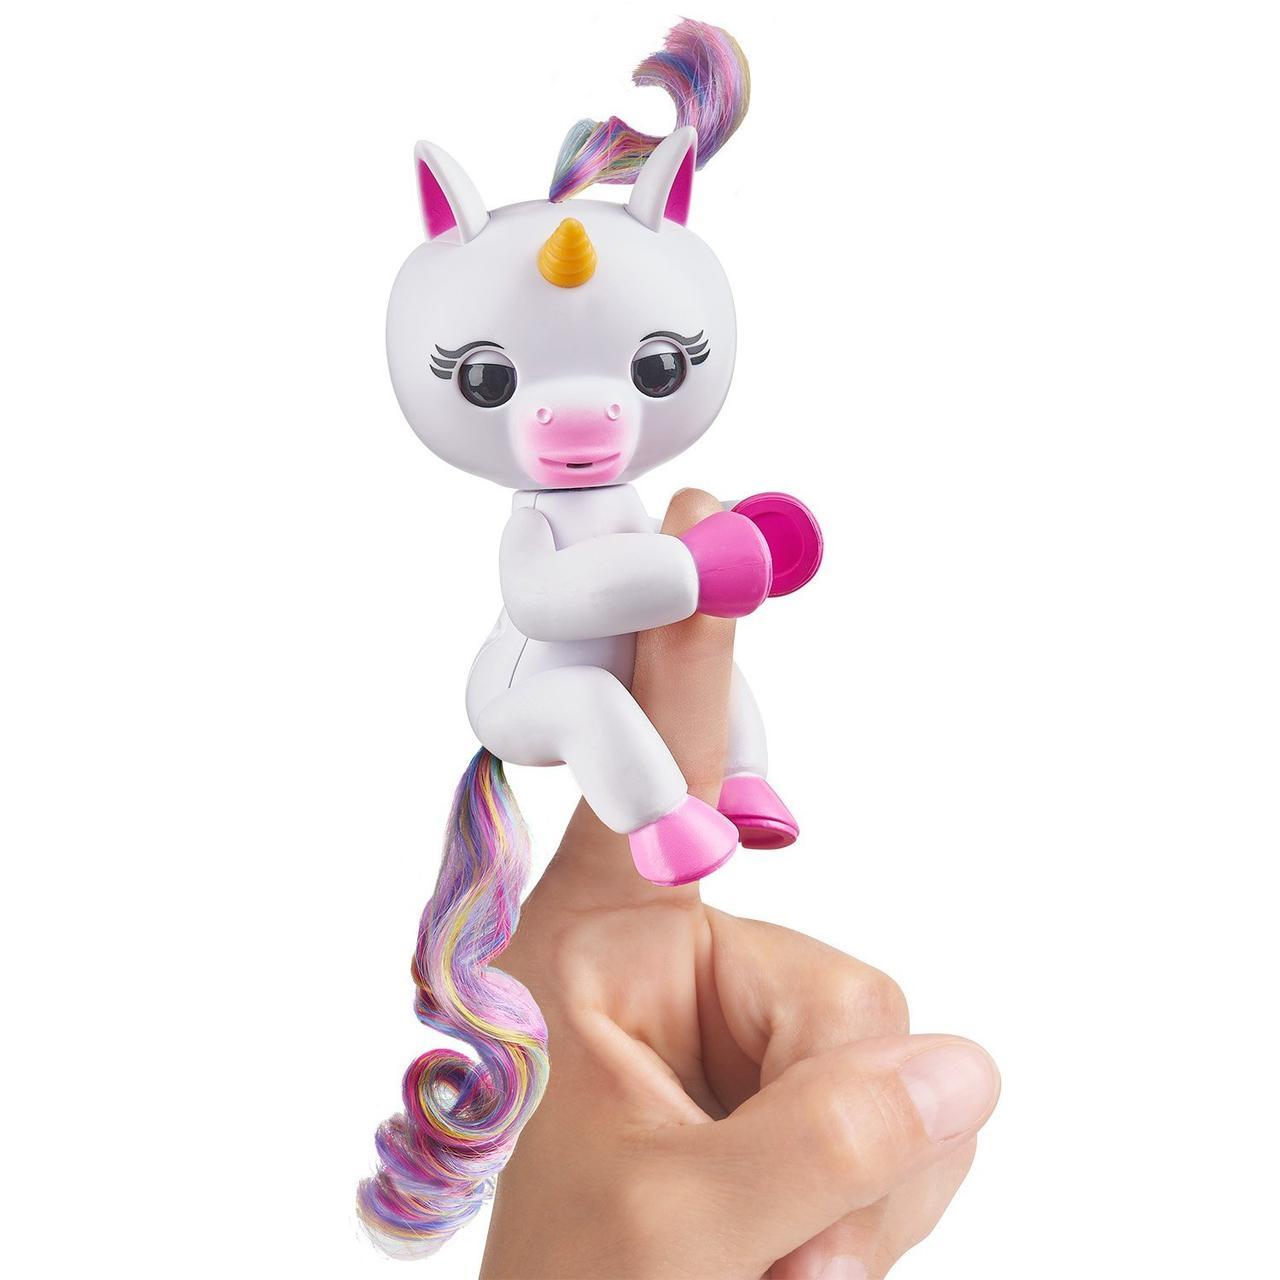 Fingerlings Baby Unicorn Джиджи Интерактивный ручной Единорог Фингерлингс Бейби Единорог Оригинал